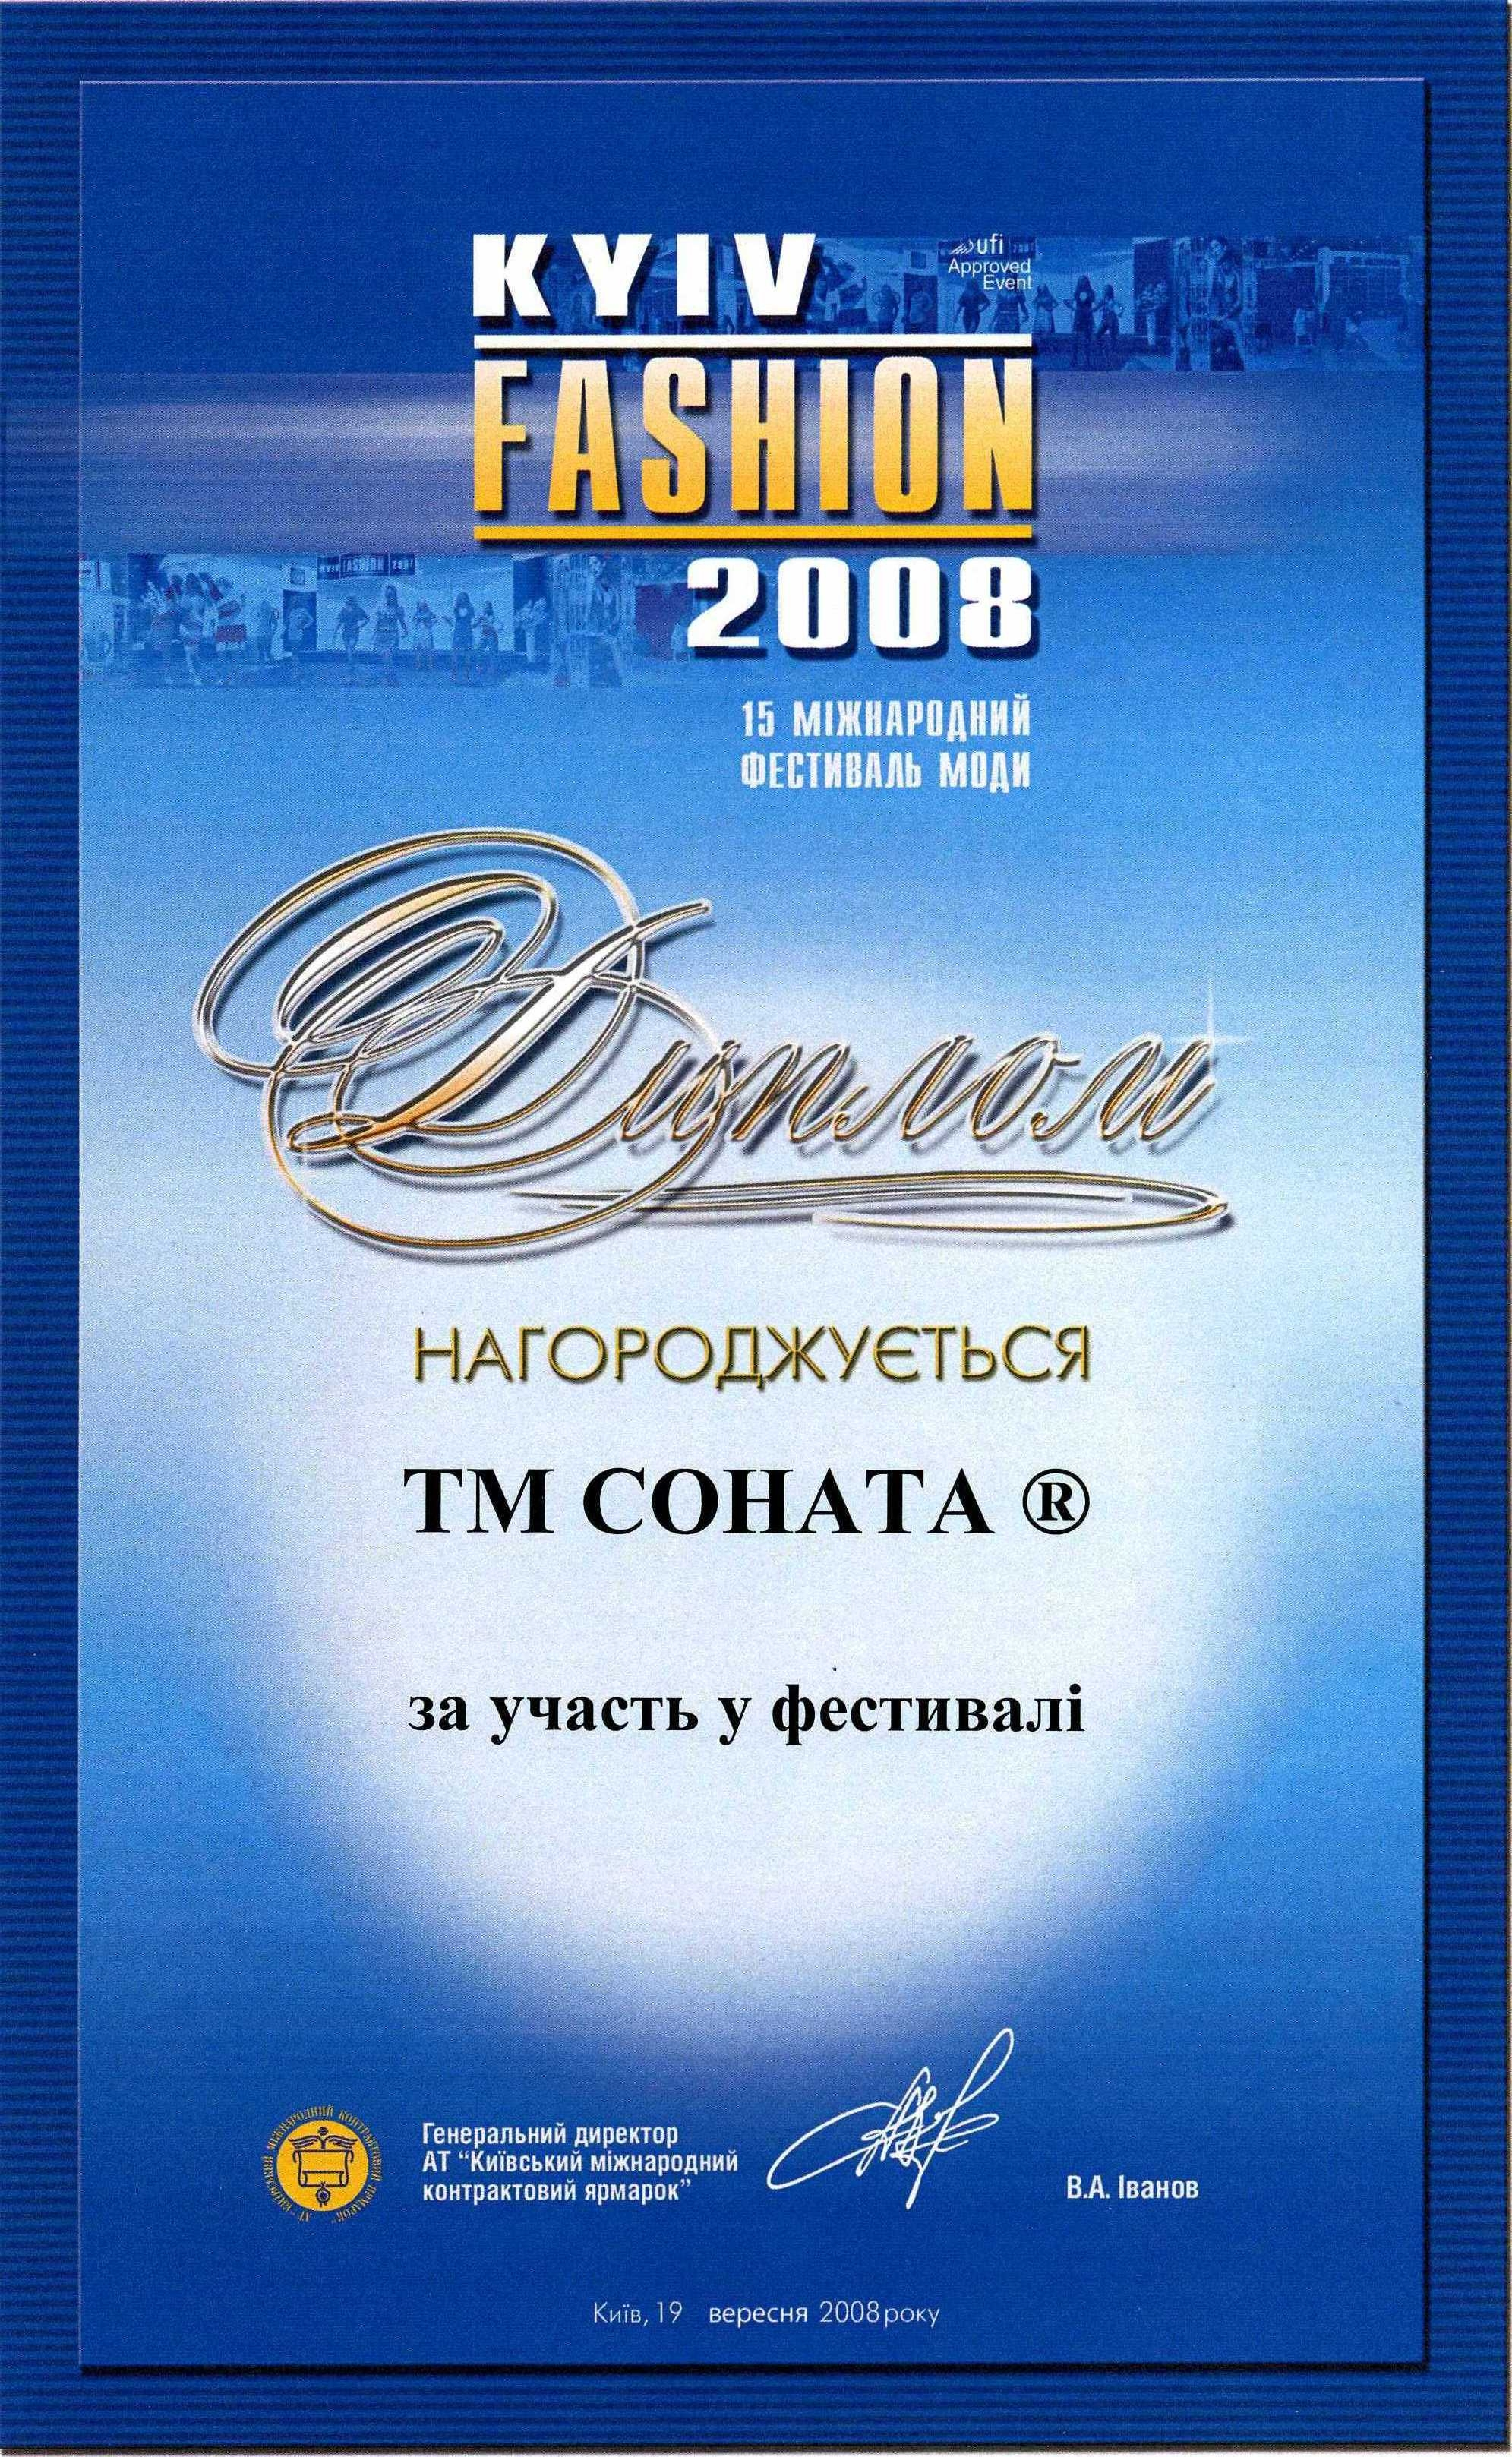 Диплом за участие в международном фестивале моды-2008